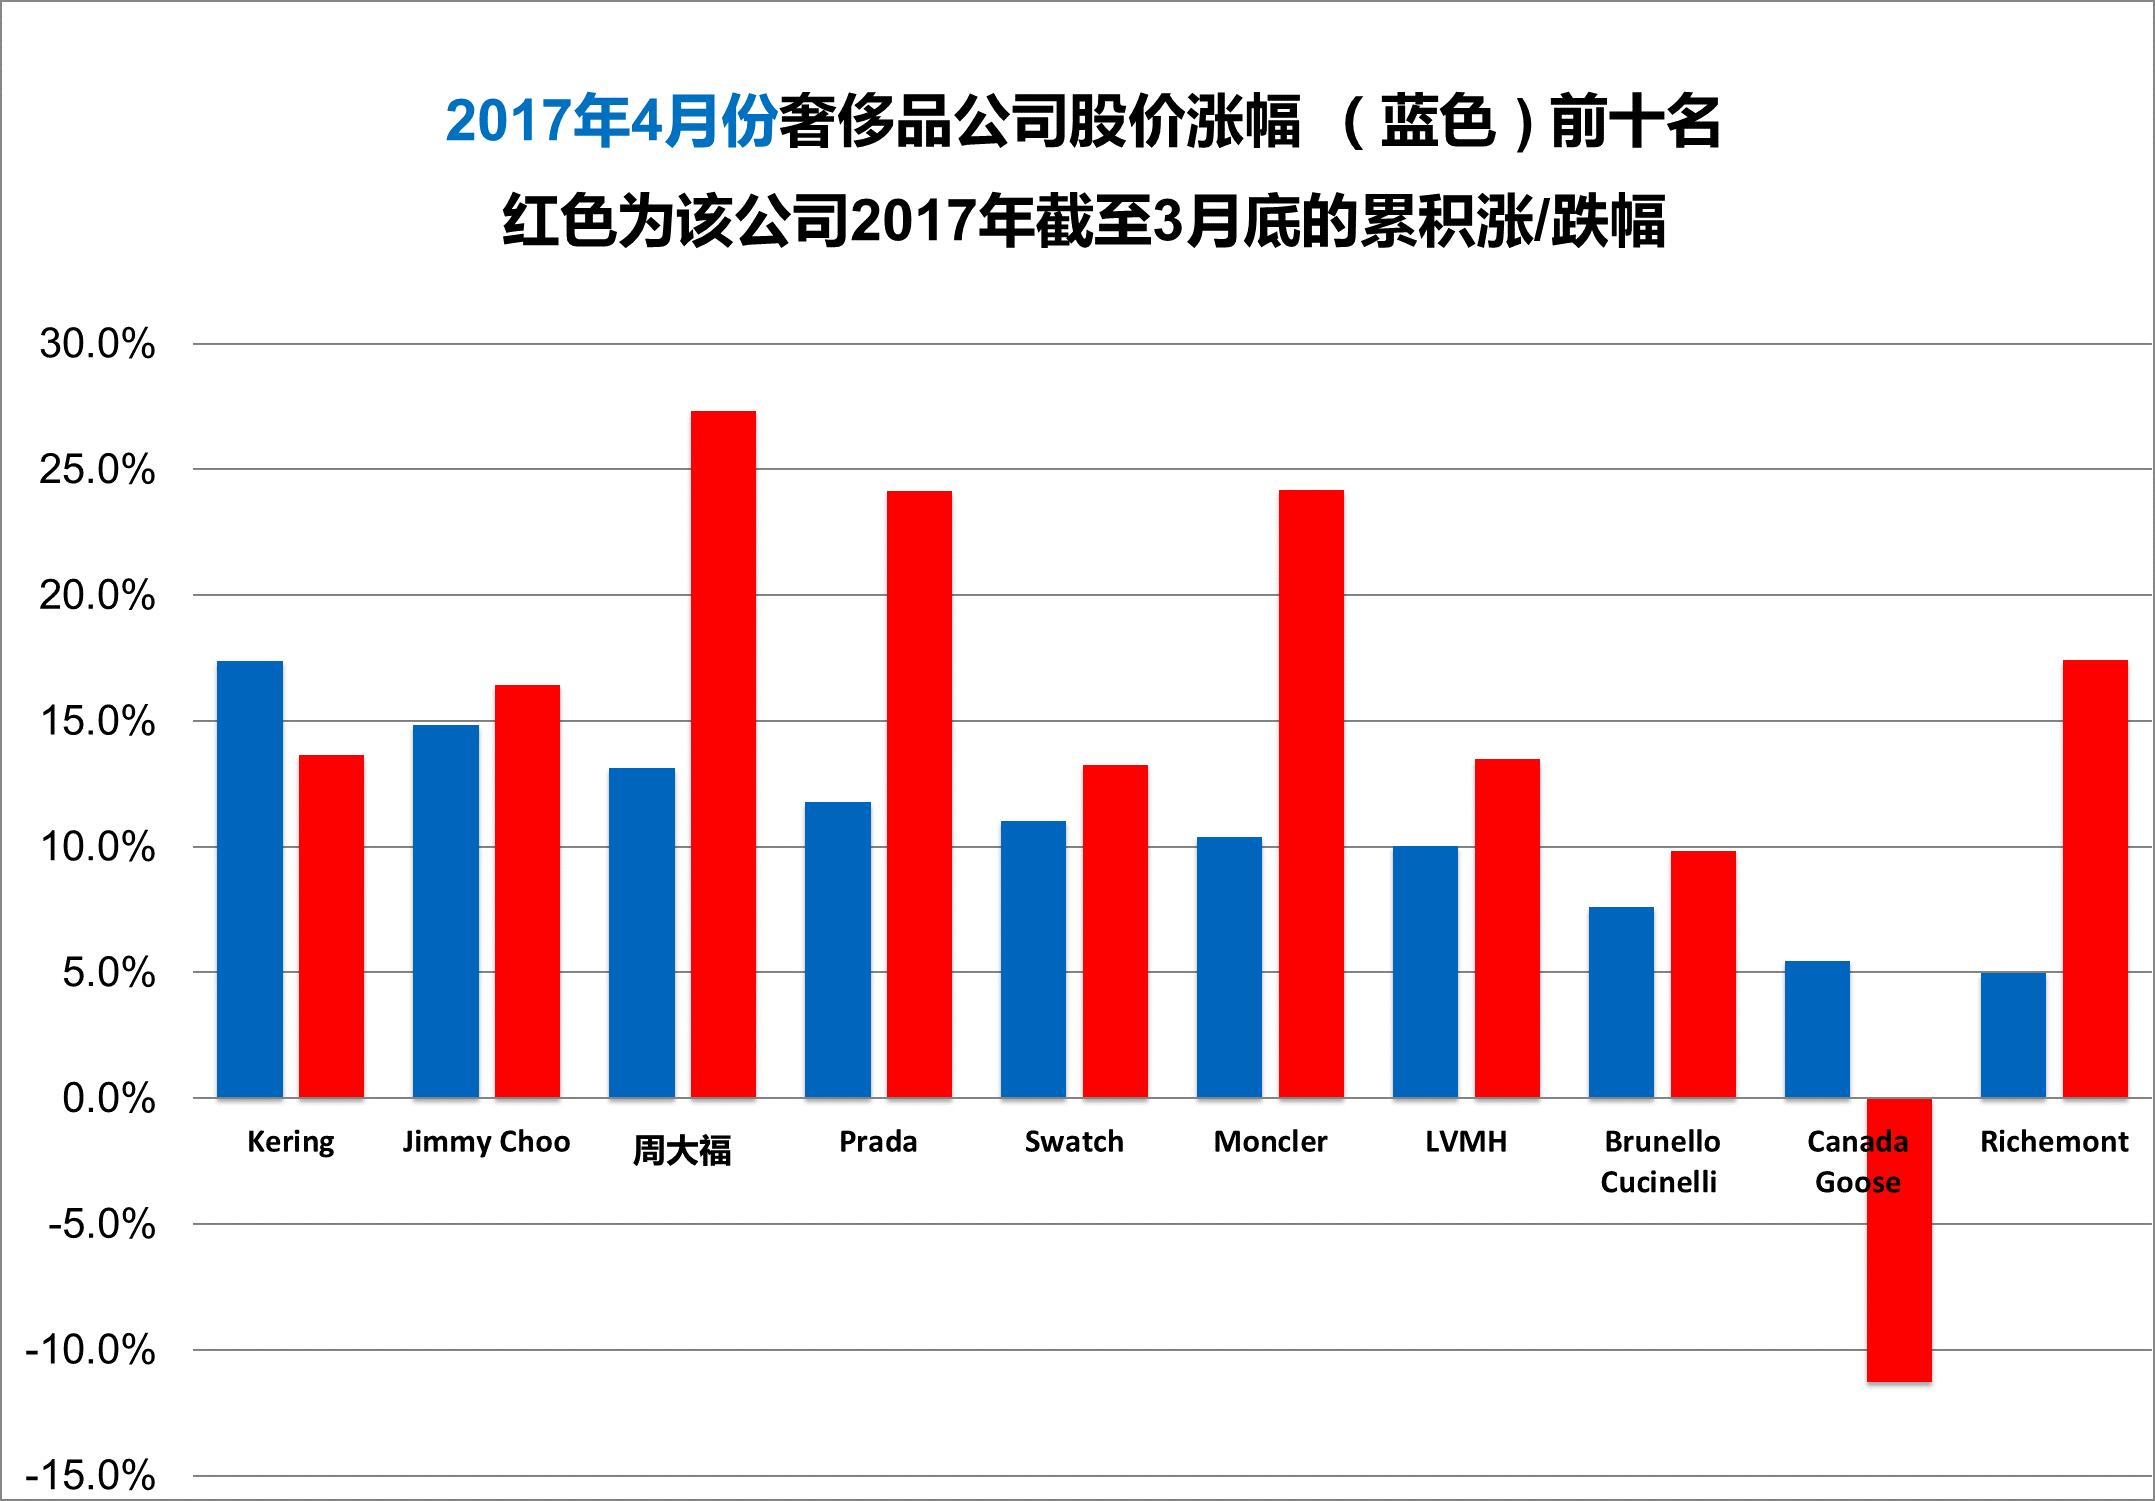 《华丽志》奢侈品股票月度排行榜(2017年4月)